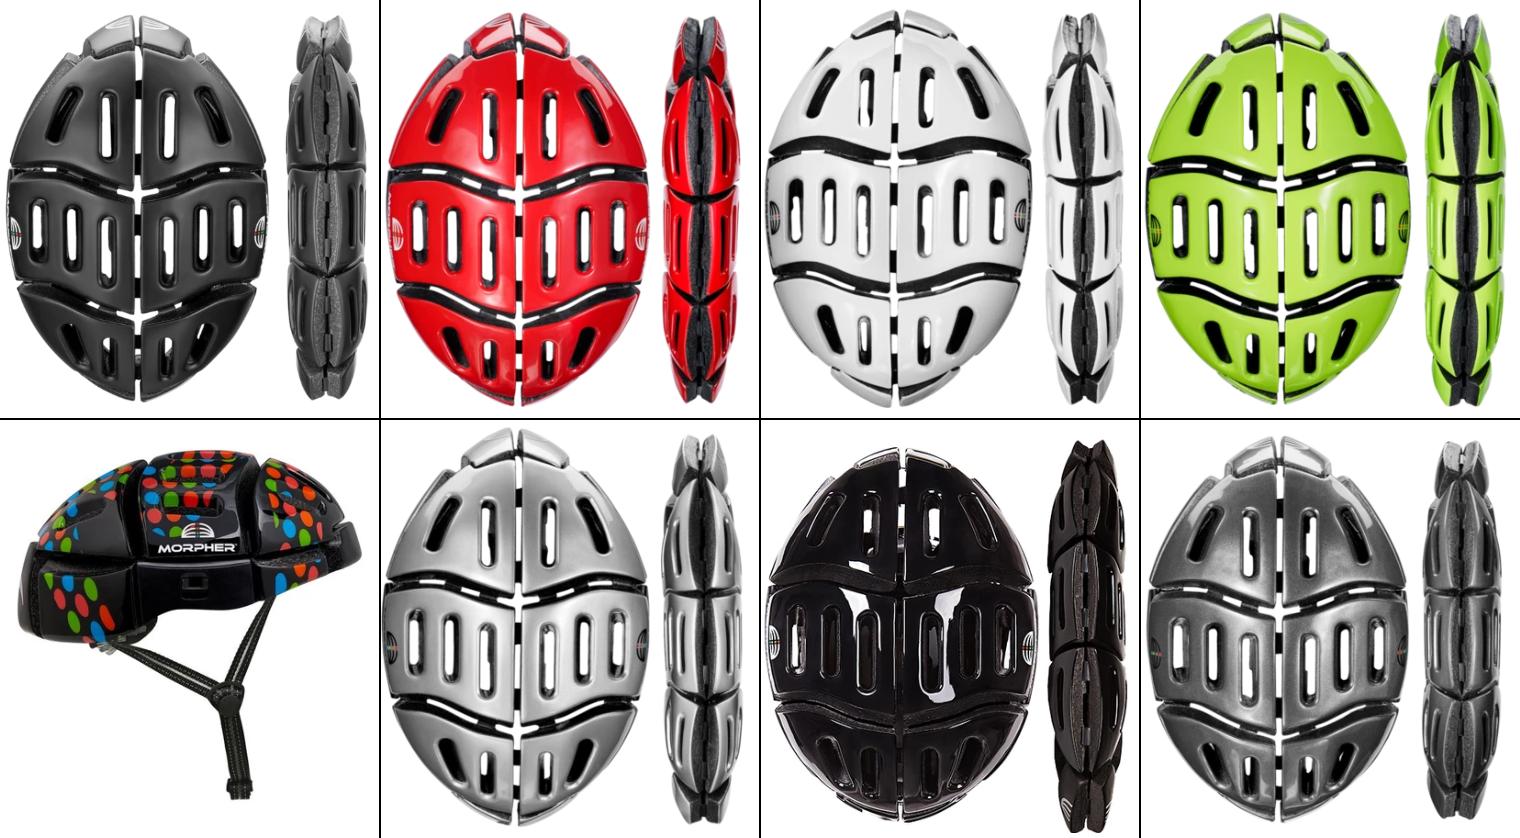 Morpher Foldable Helmet